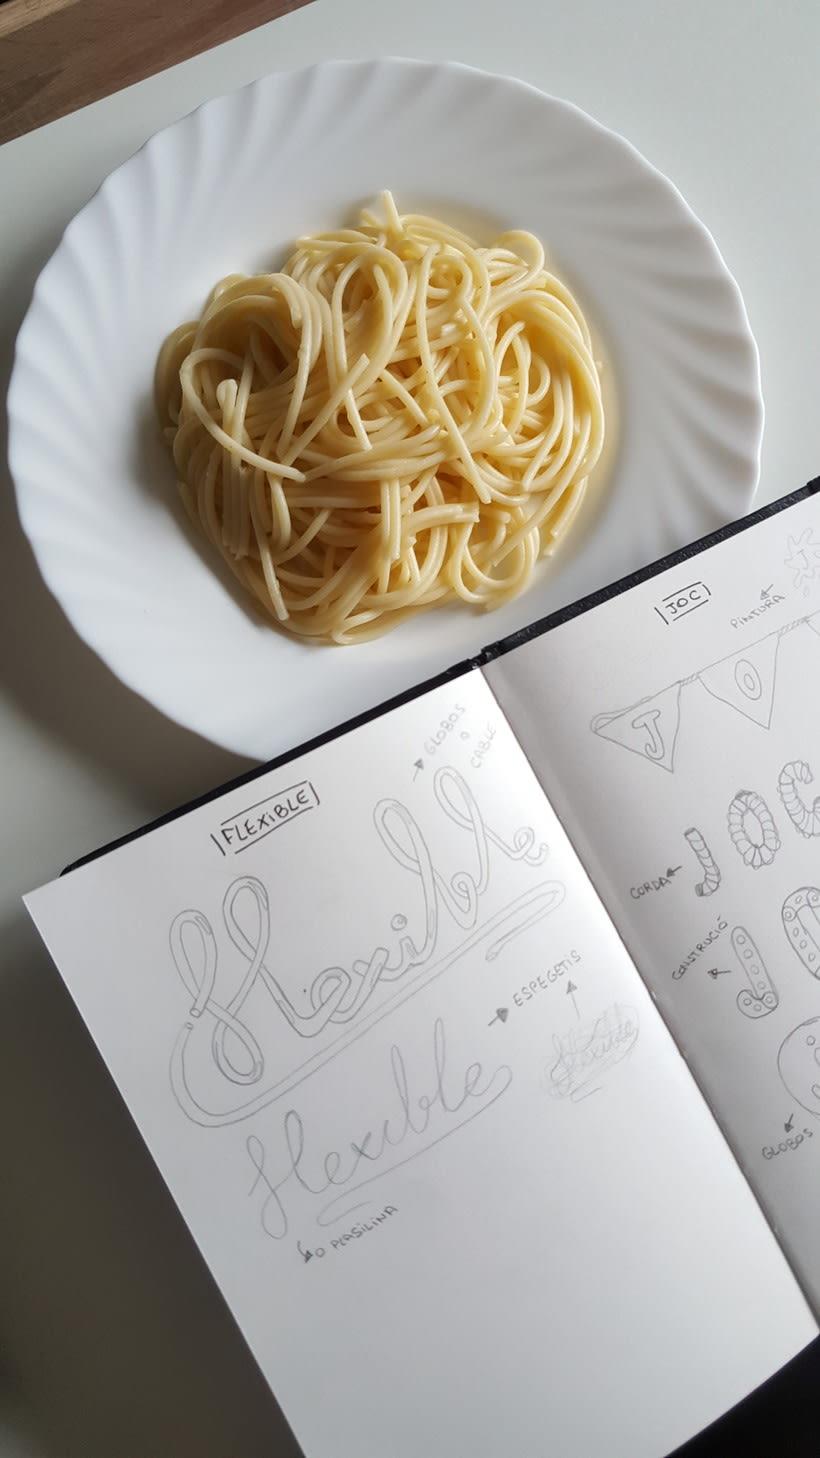 TIPOGRAFIA | Flexible | Espaguettis 0